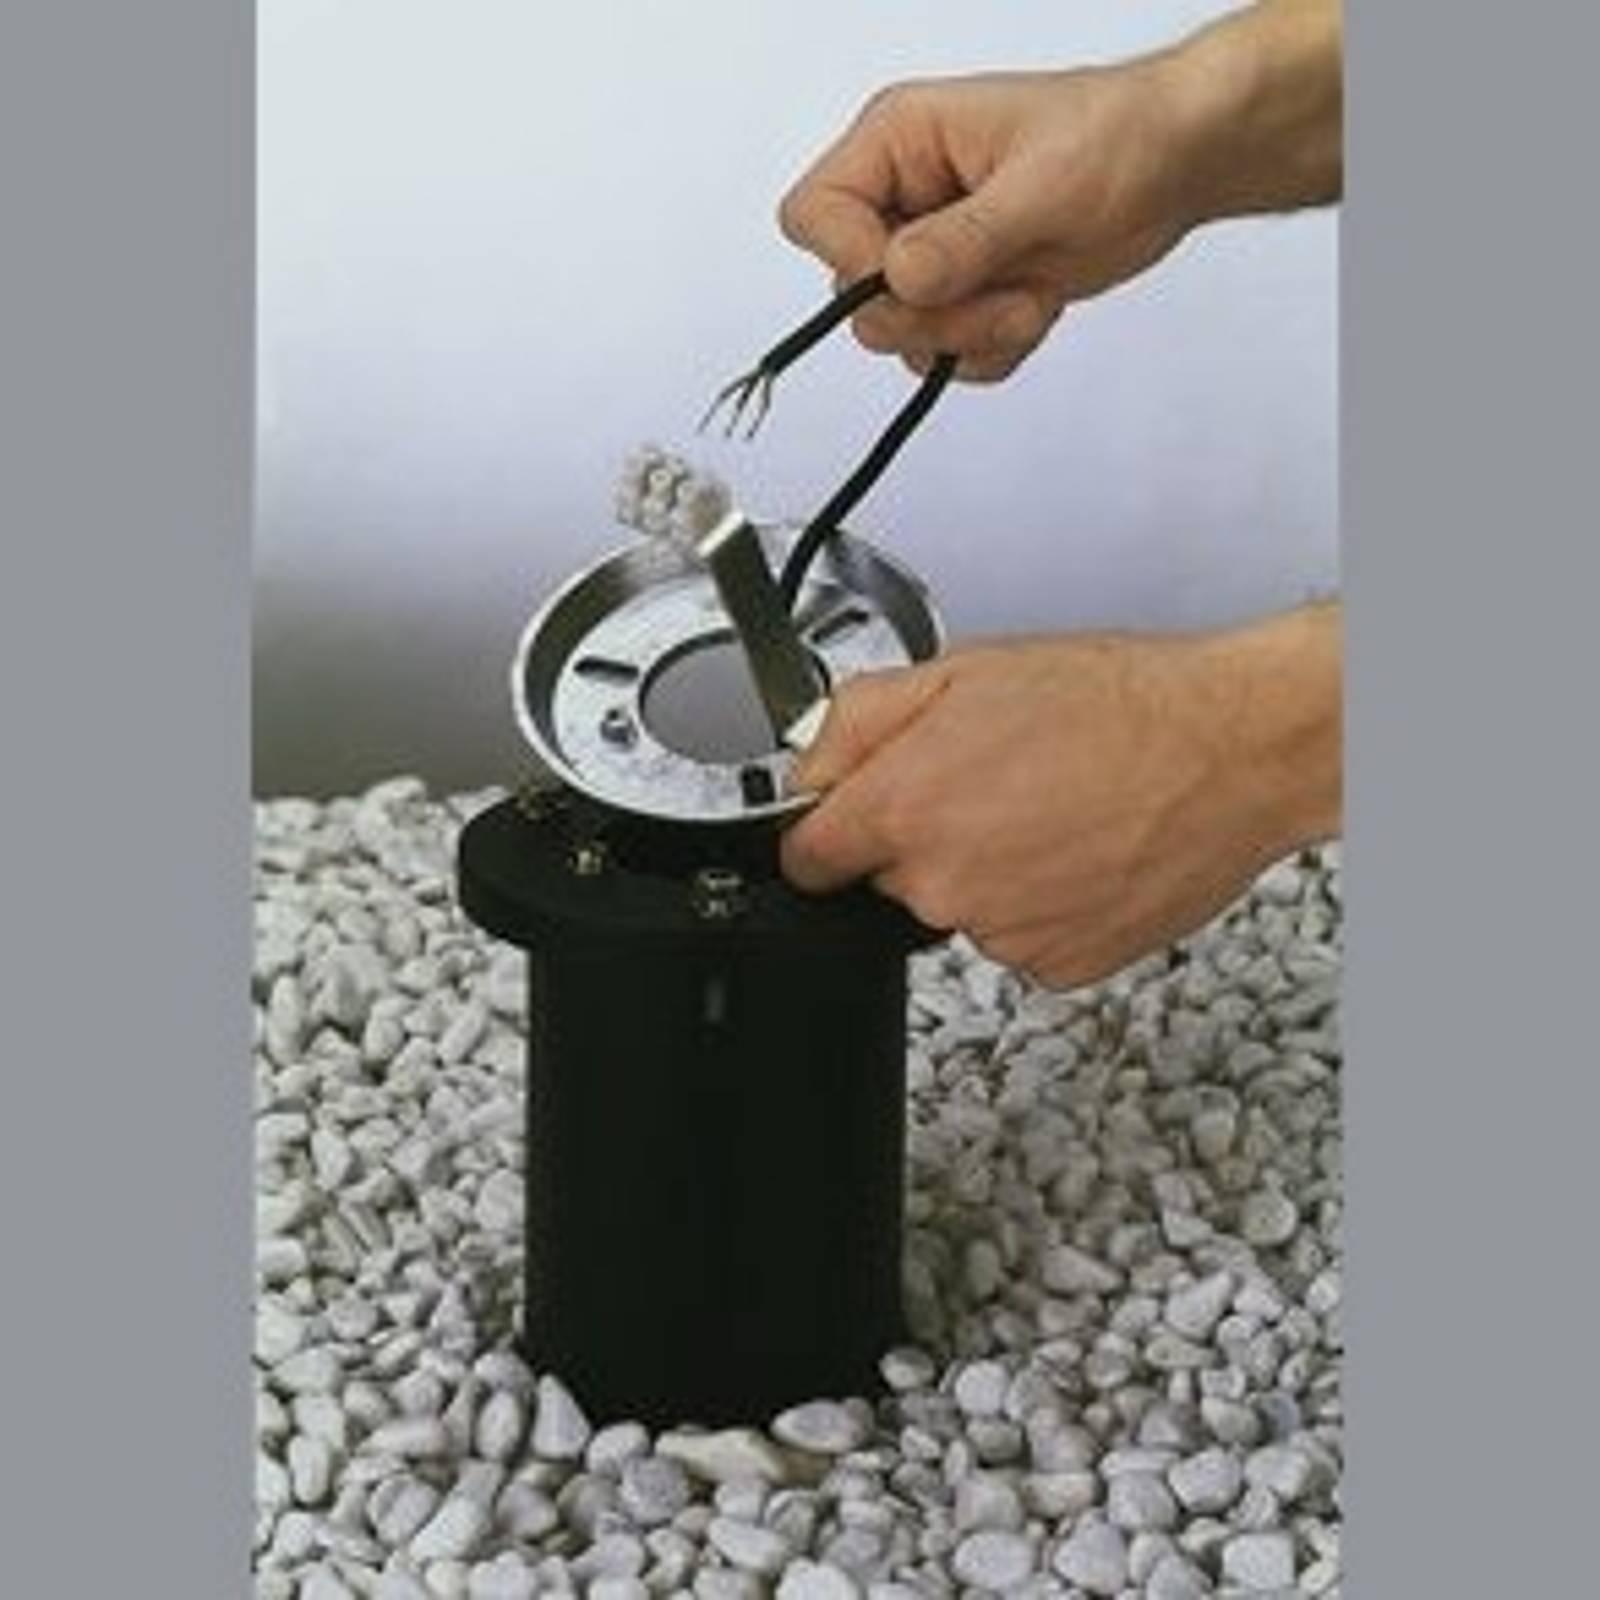 Asennusjalusta alumiinivalua, asennussyvyys 40 cm